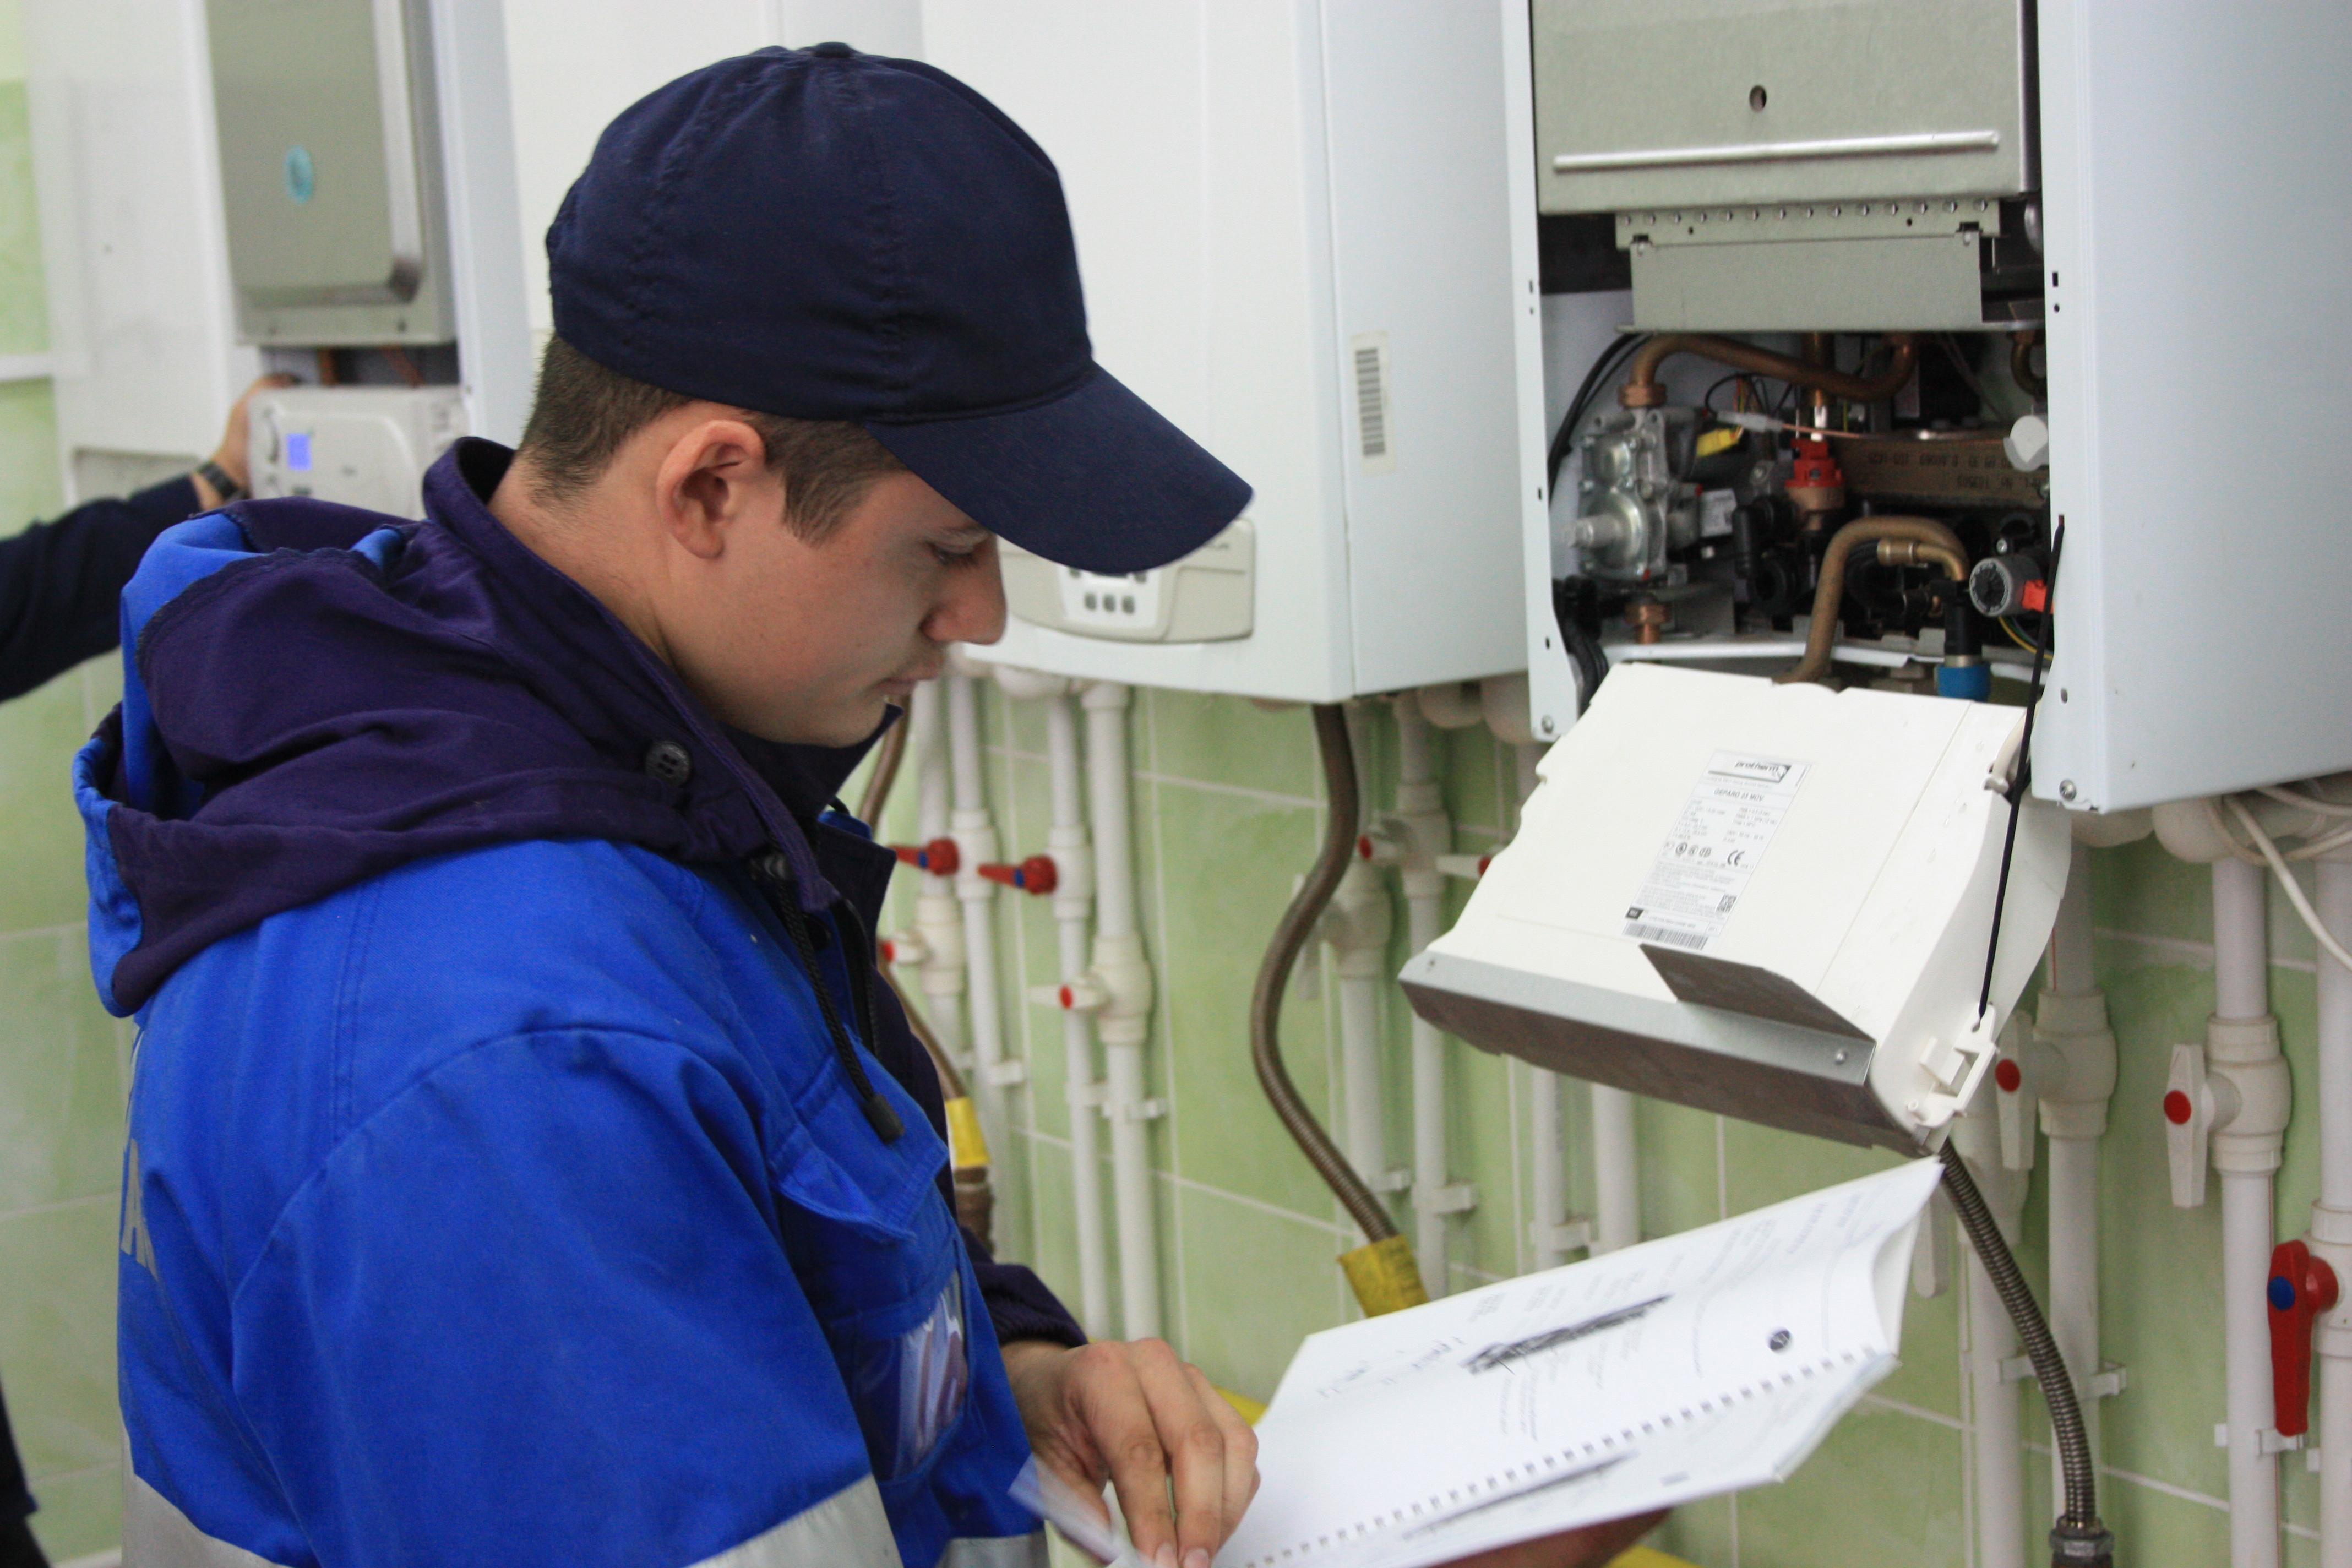 Взимают тариф за обслуживание газового оборудования и заставляют заключать договор на то же самое